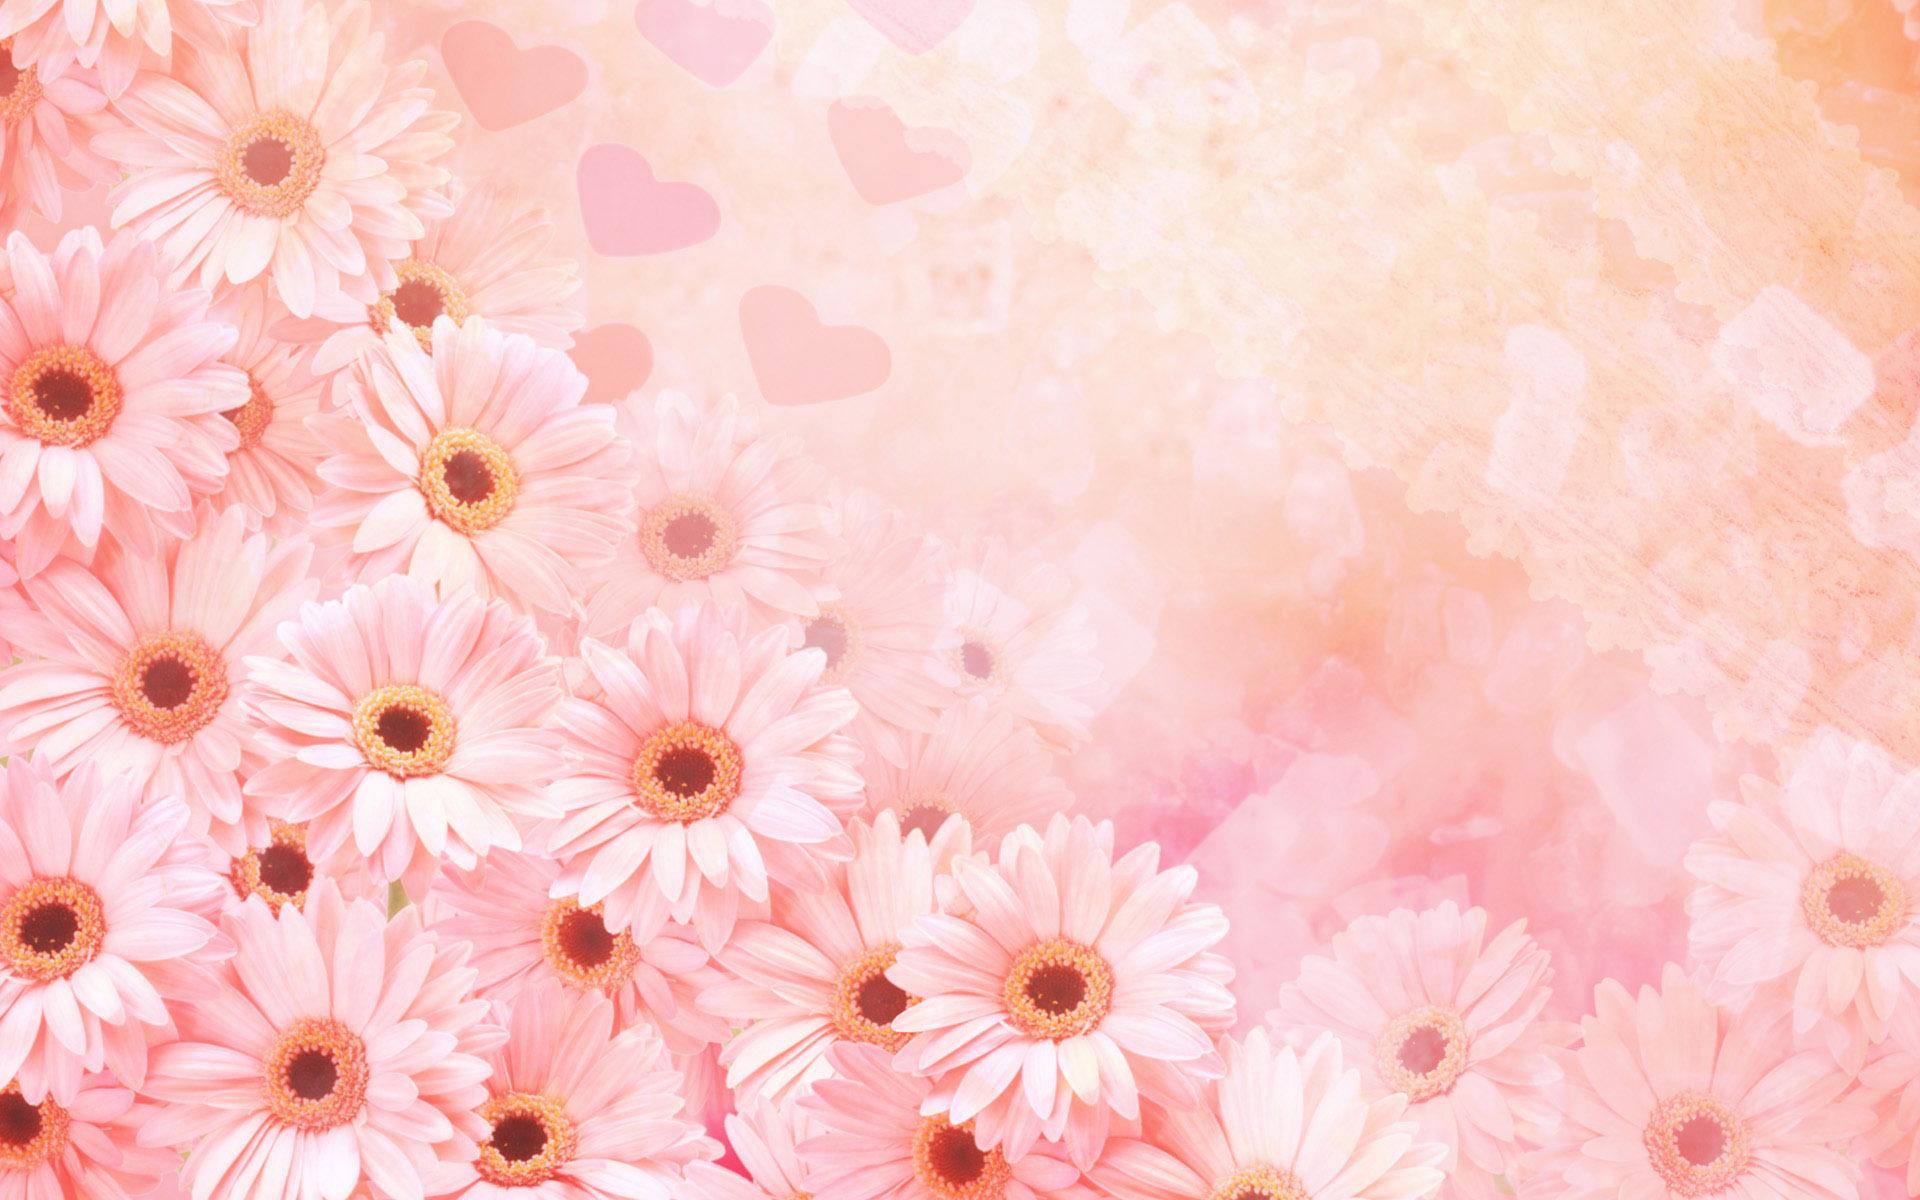 12485 скачать обои Растения, Цветы - заставки и картинки бесплатно